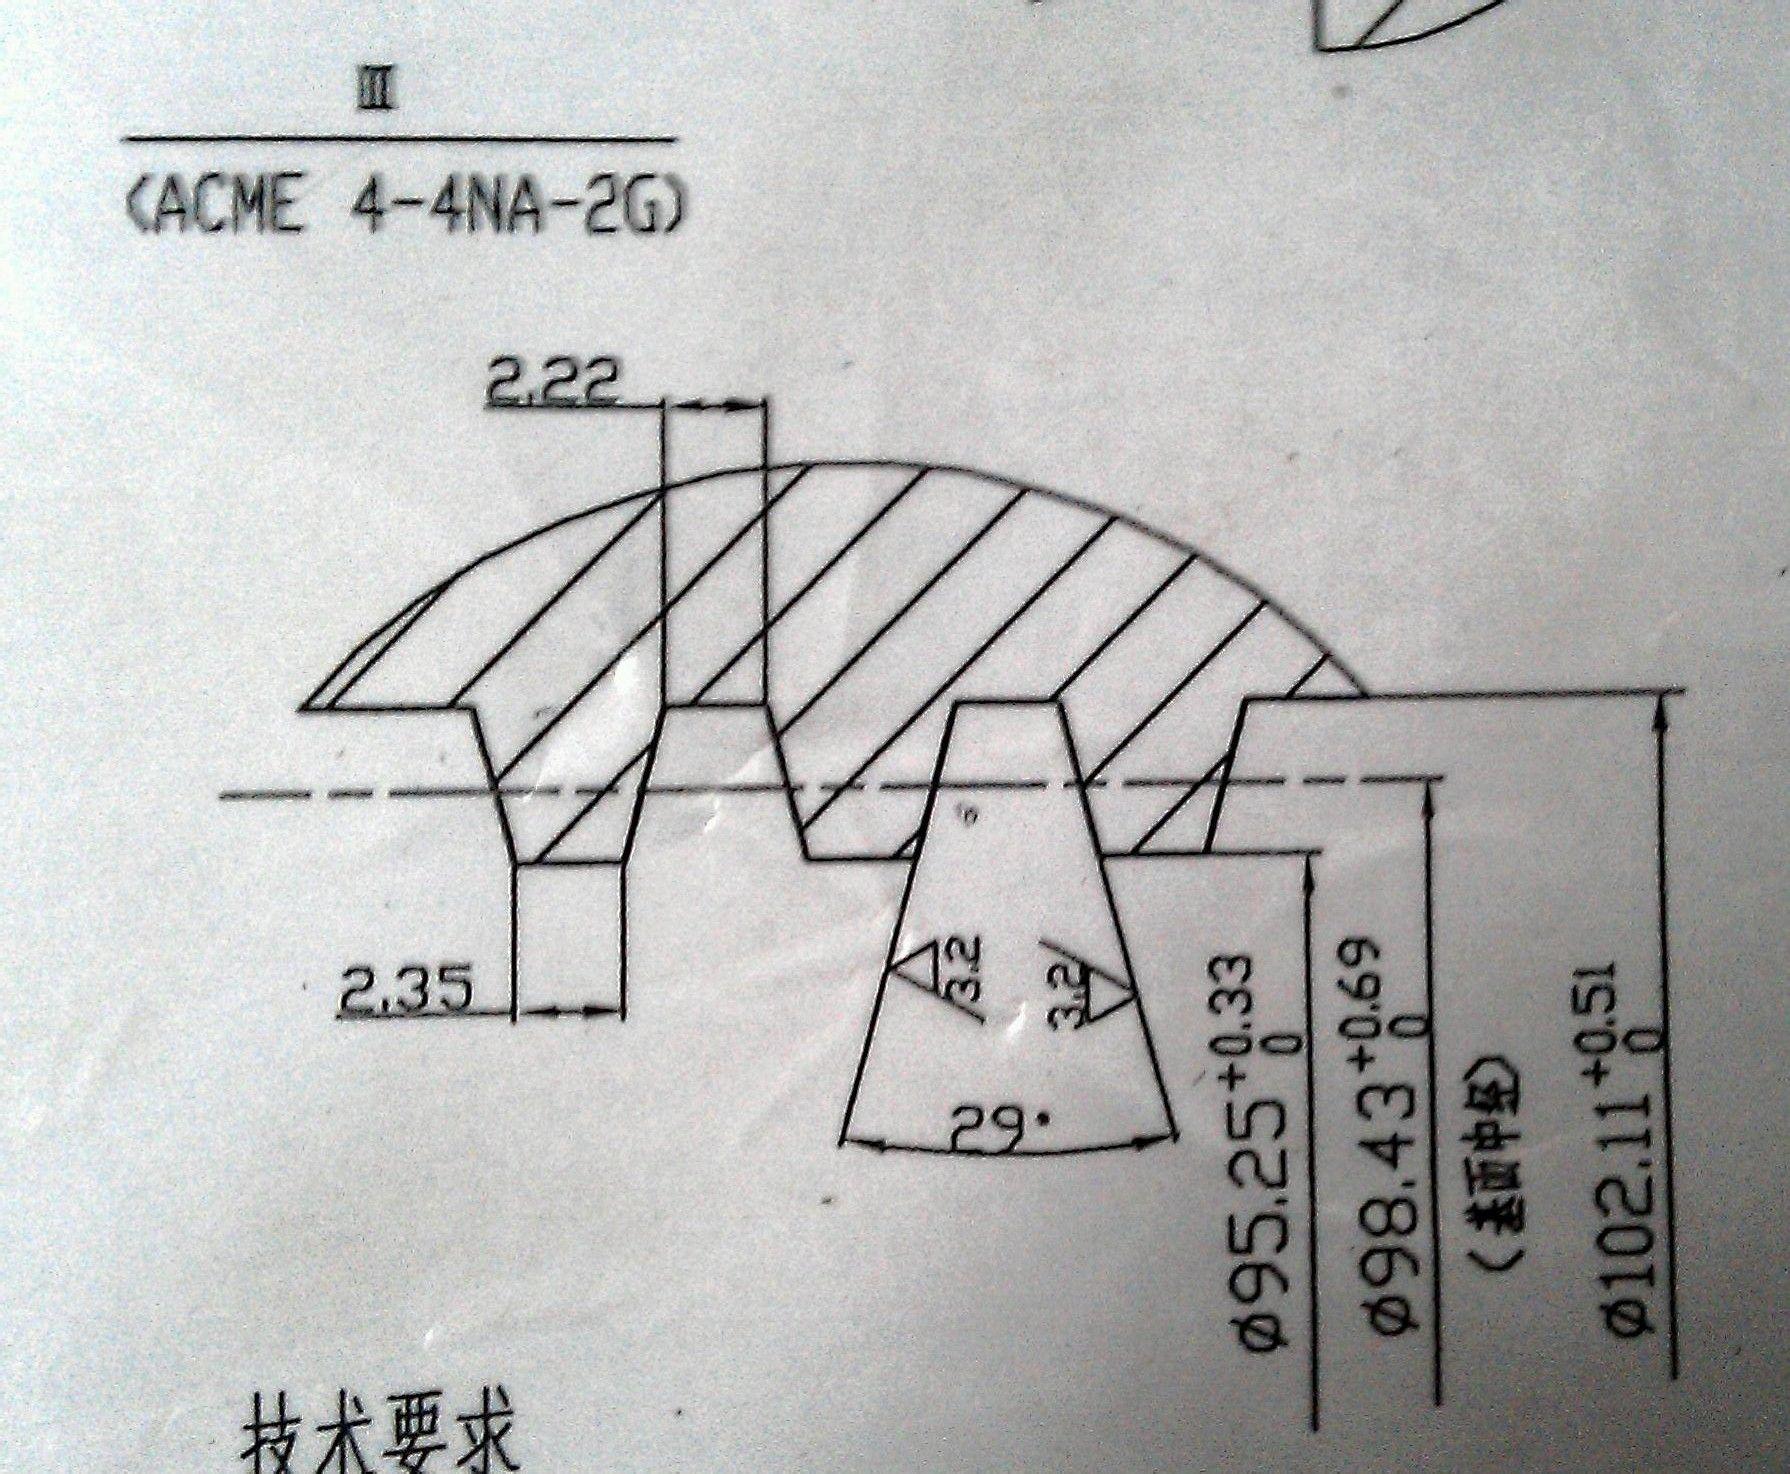 数控车床编程内容|数控车床编程版面设计图片